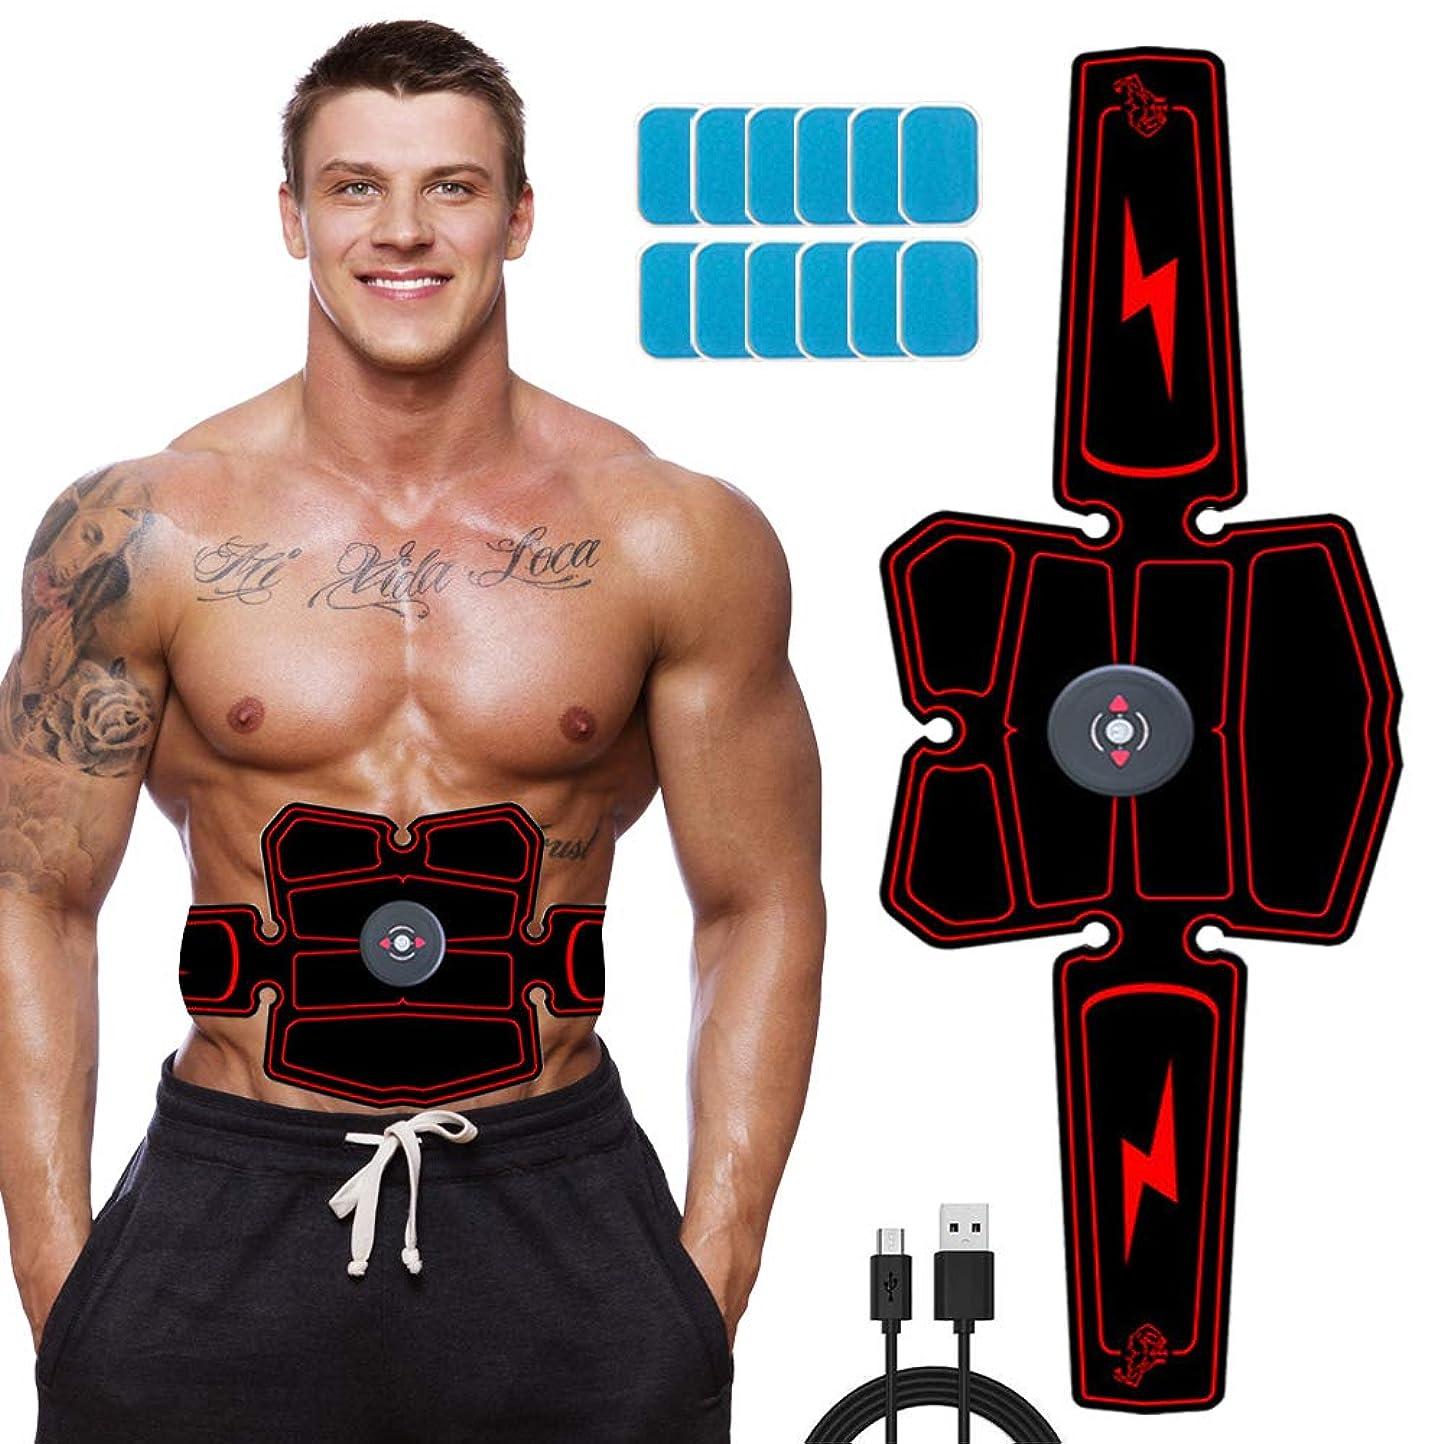 かもしれないぺディカブ液化するEMS 腹筋ベルト USB充電式 腹筋トレーニング 男女兼用 6種類モード 10段階強度 腹筋 腕筋 腰 トレーニング 器具 ジェルシート12枚追加 日本語説明書付属